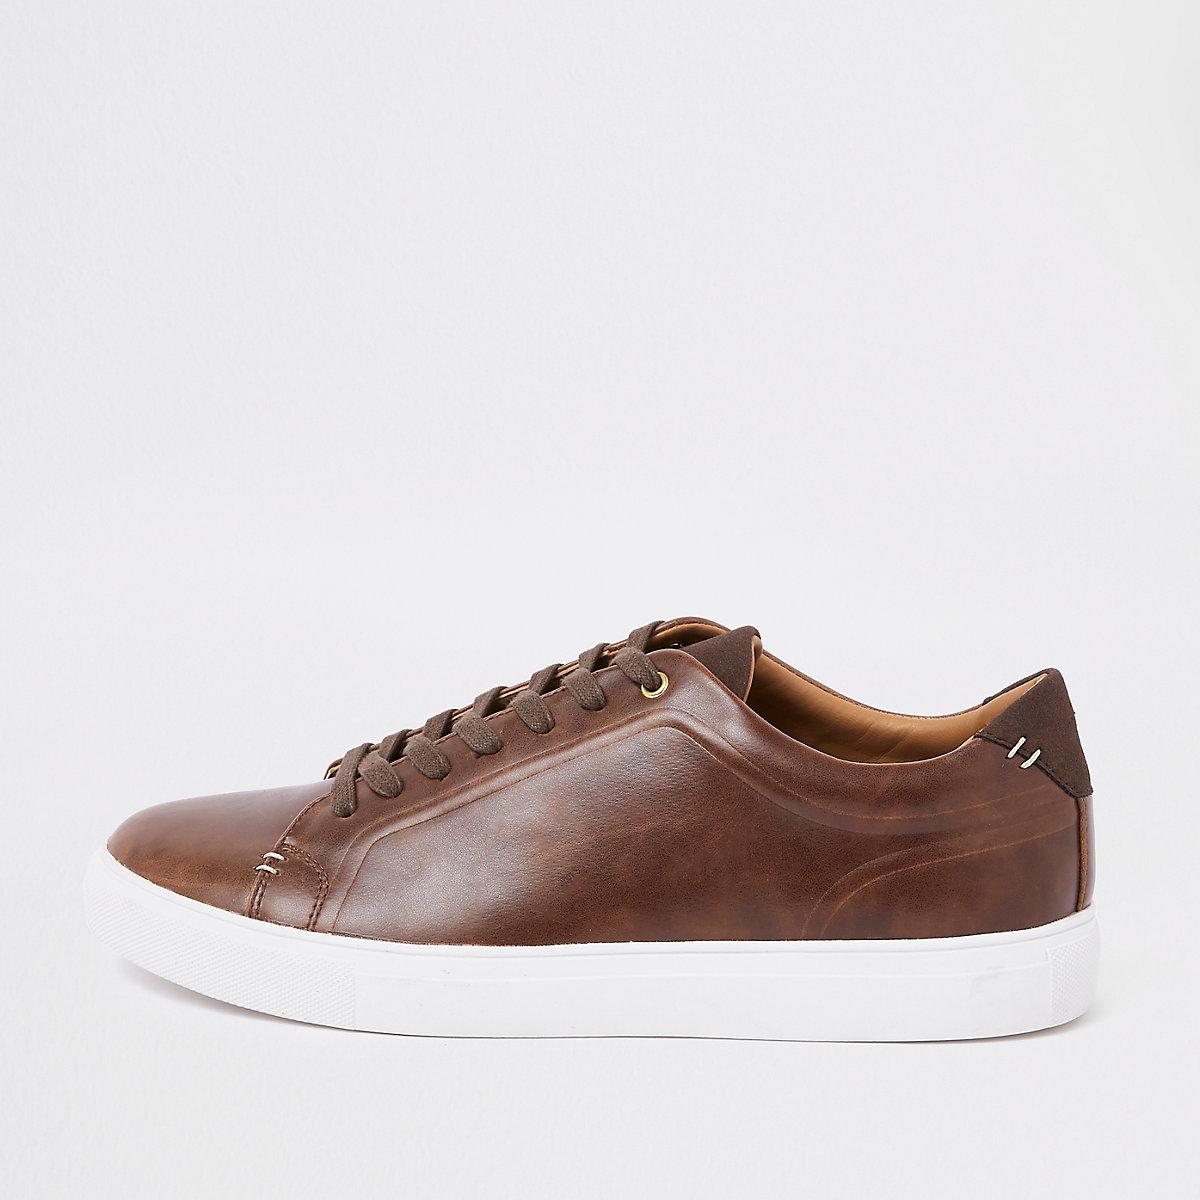 Startseite · Herren · Schuhe und Stiefel  Braune Sneaker aus Leder. Braune  Sneaker aus Leder Braune Sneaker aus Leder ... eacbb43abc